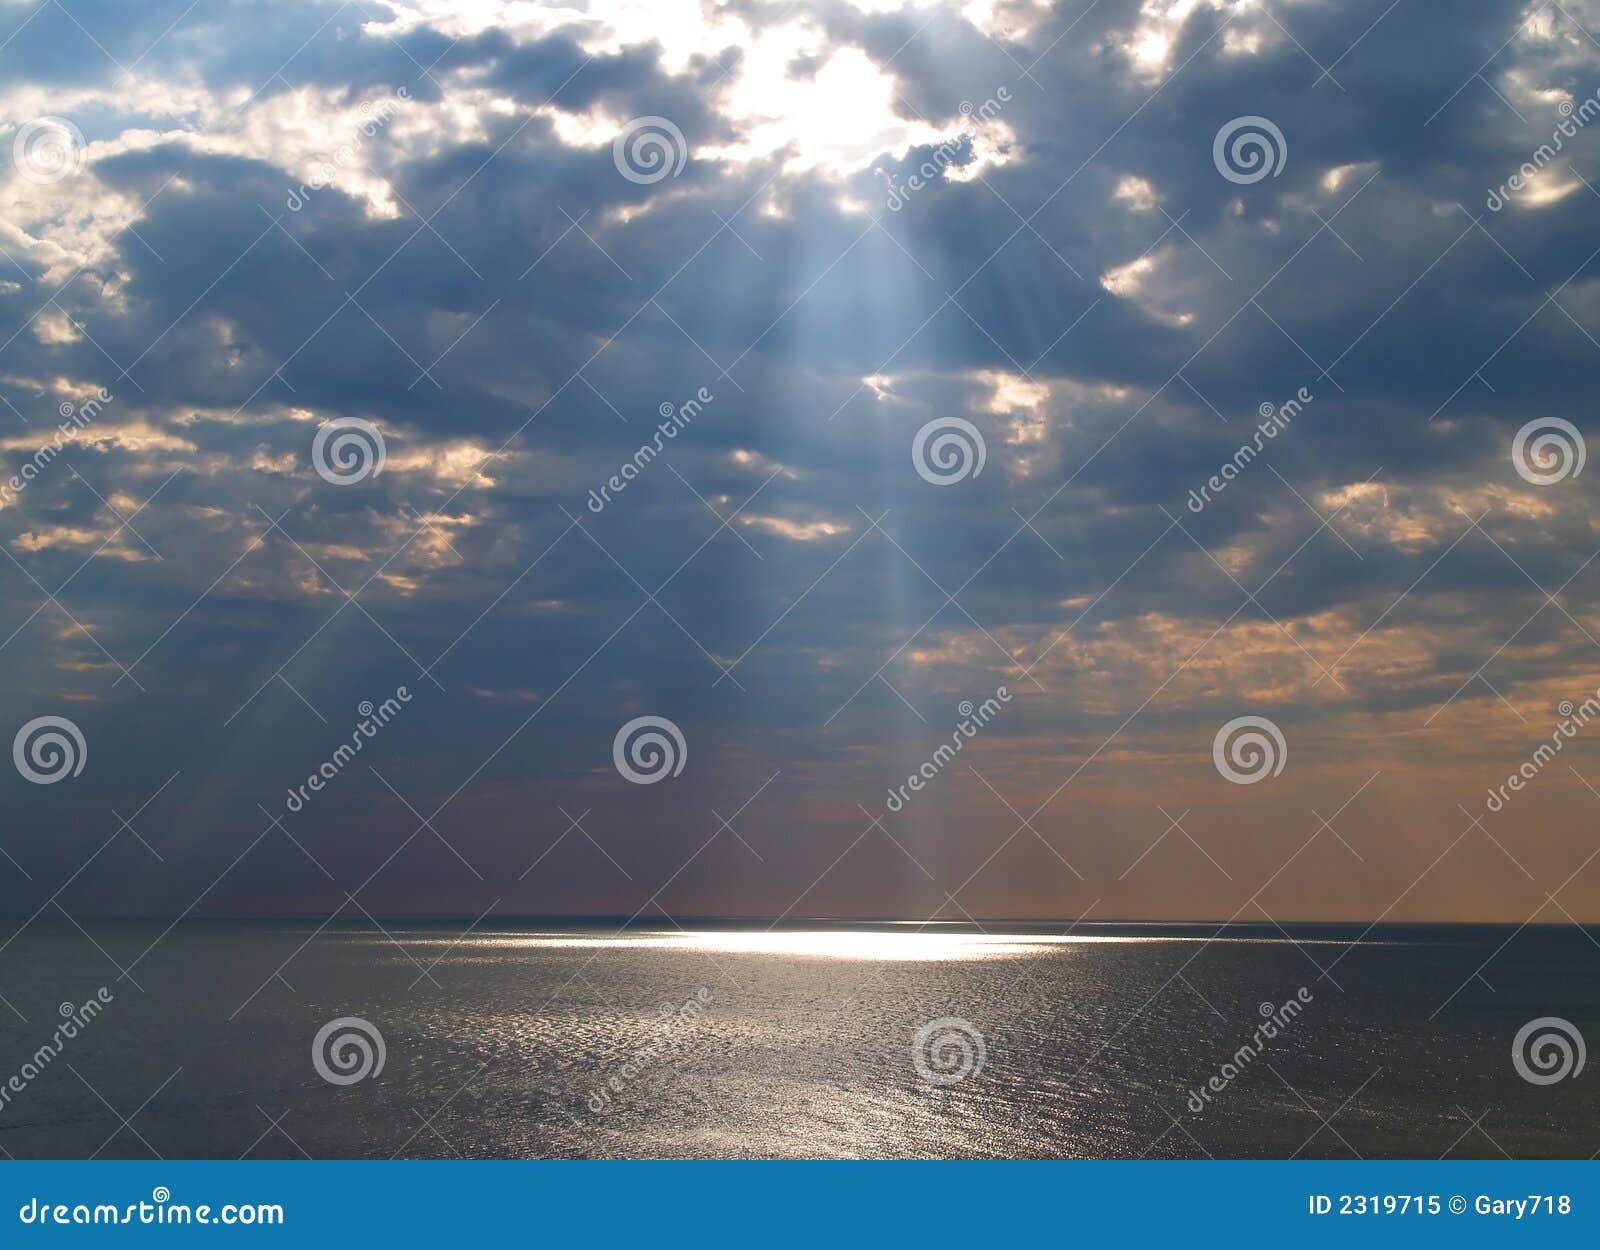 θεϊκό φως